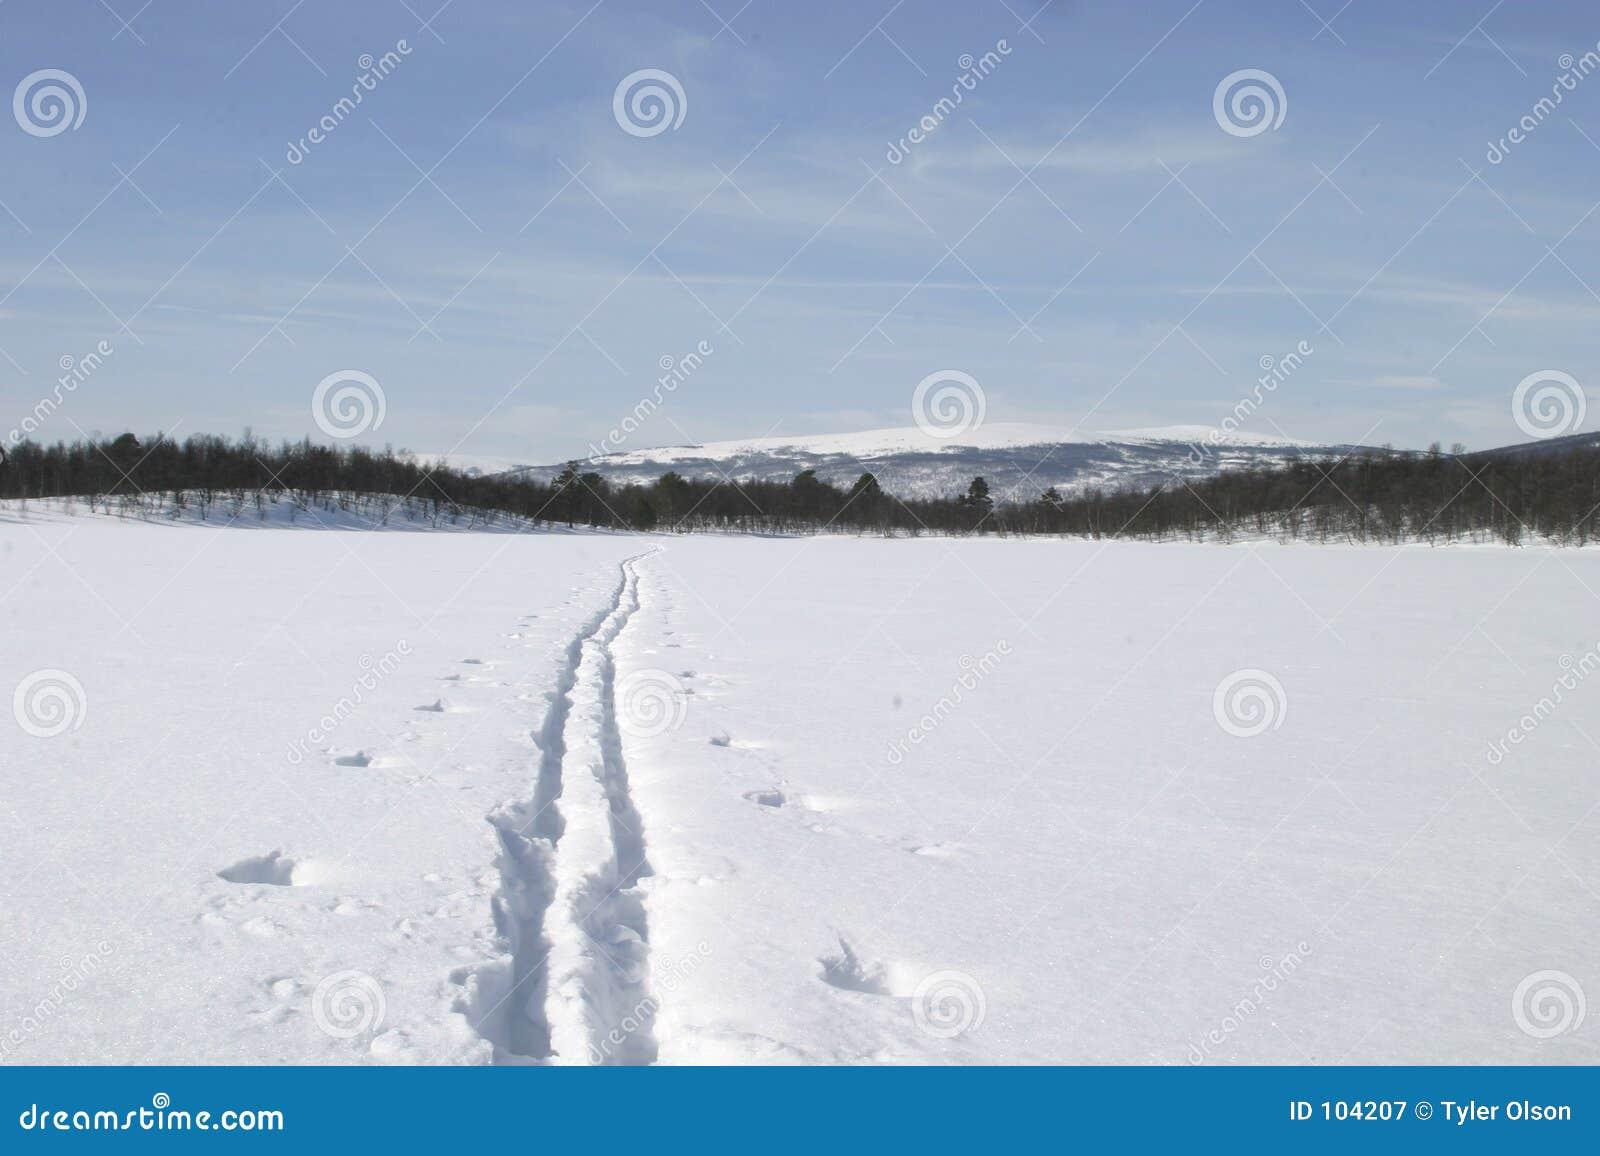 Fuga do esqui